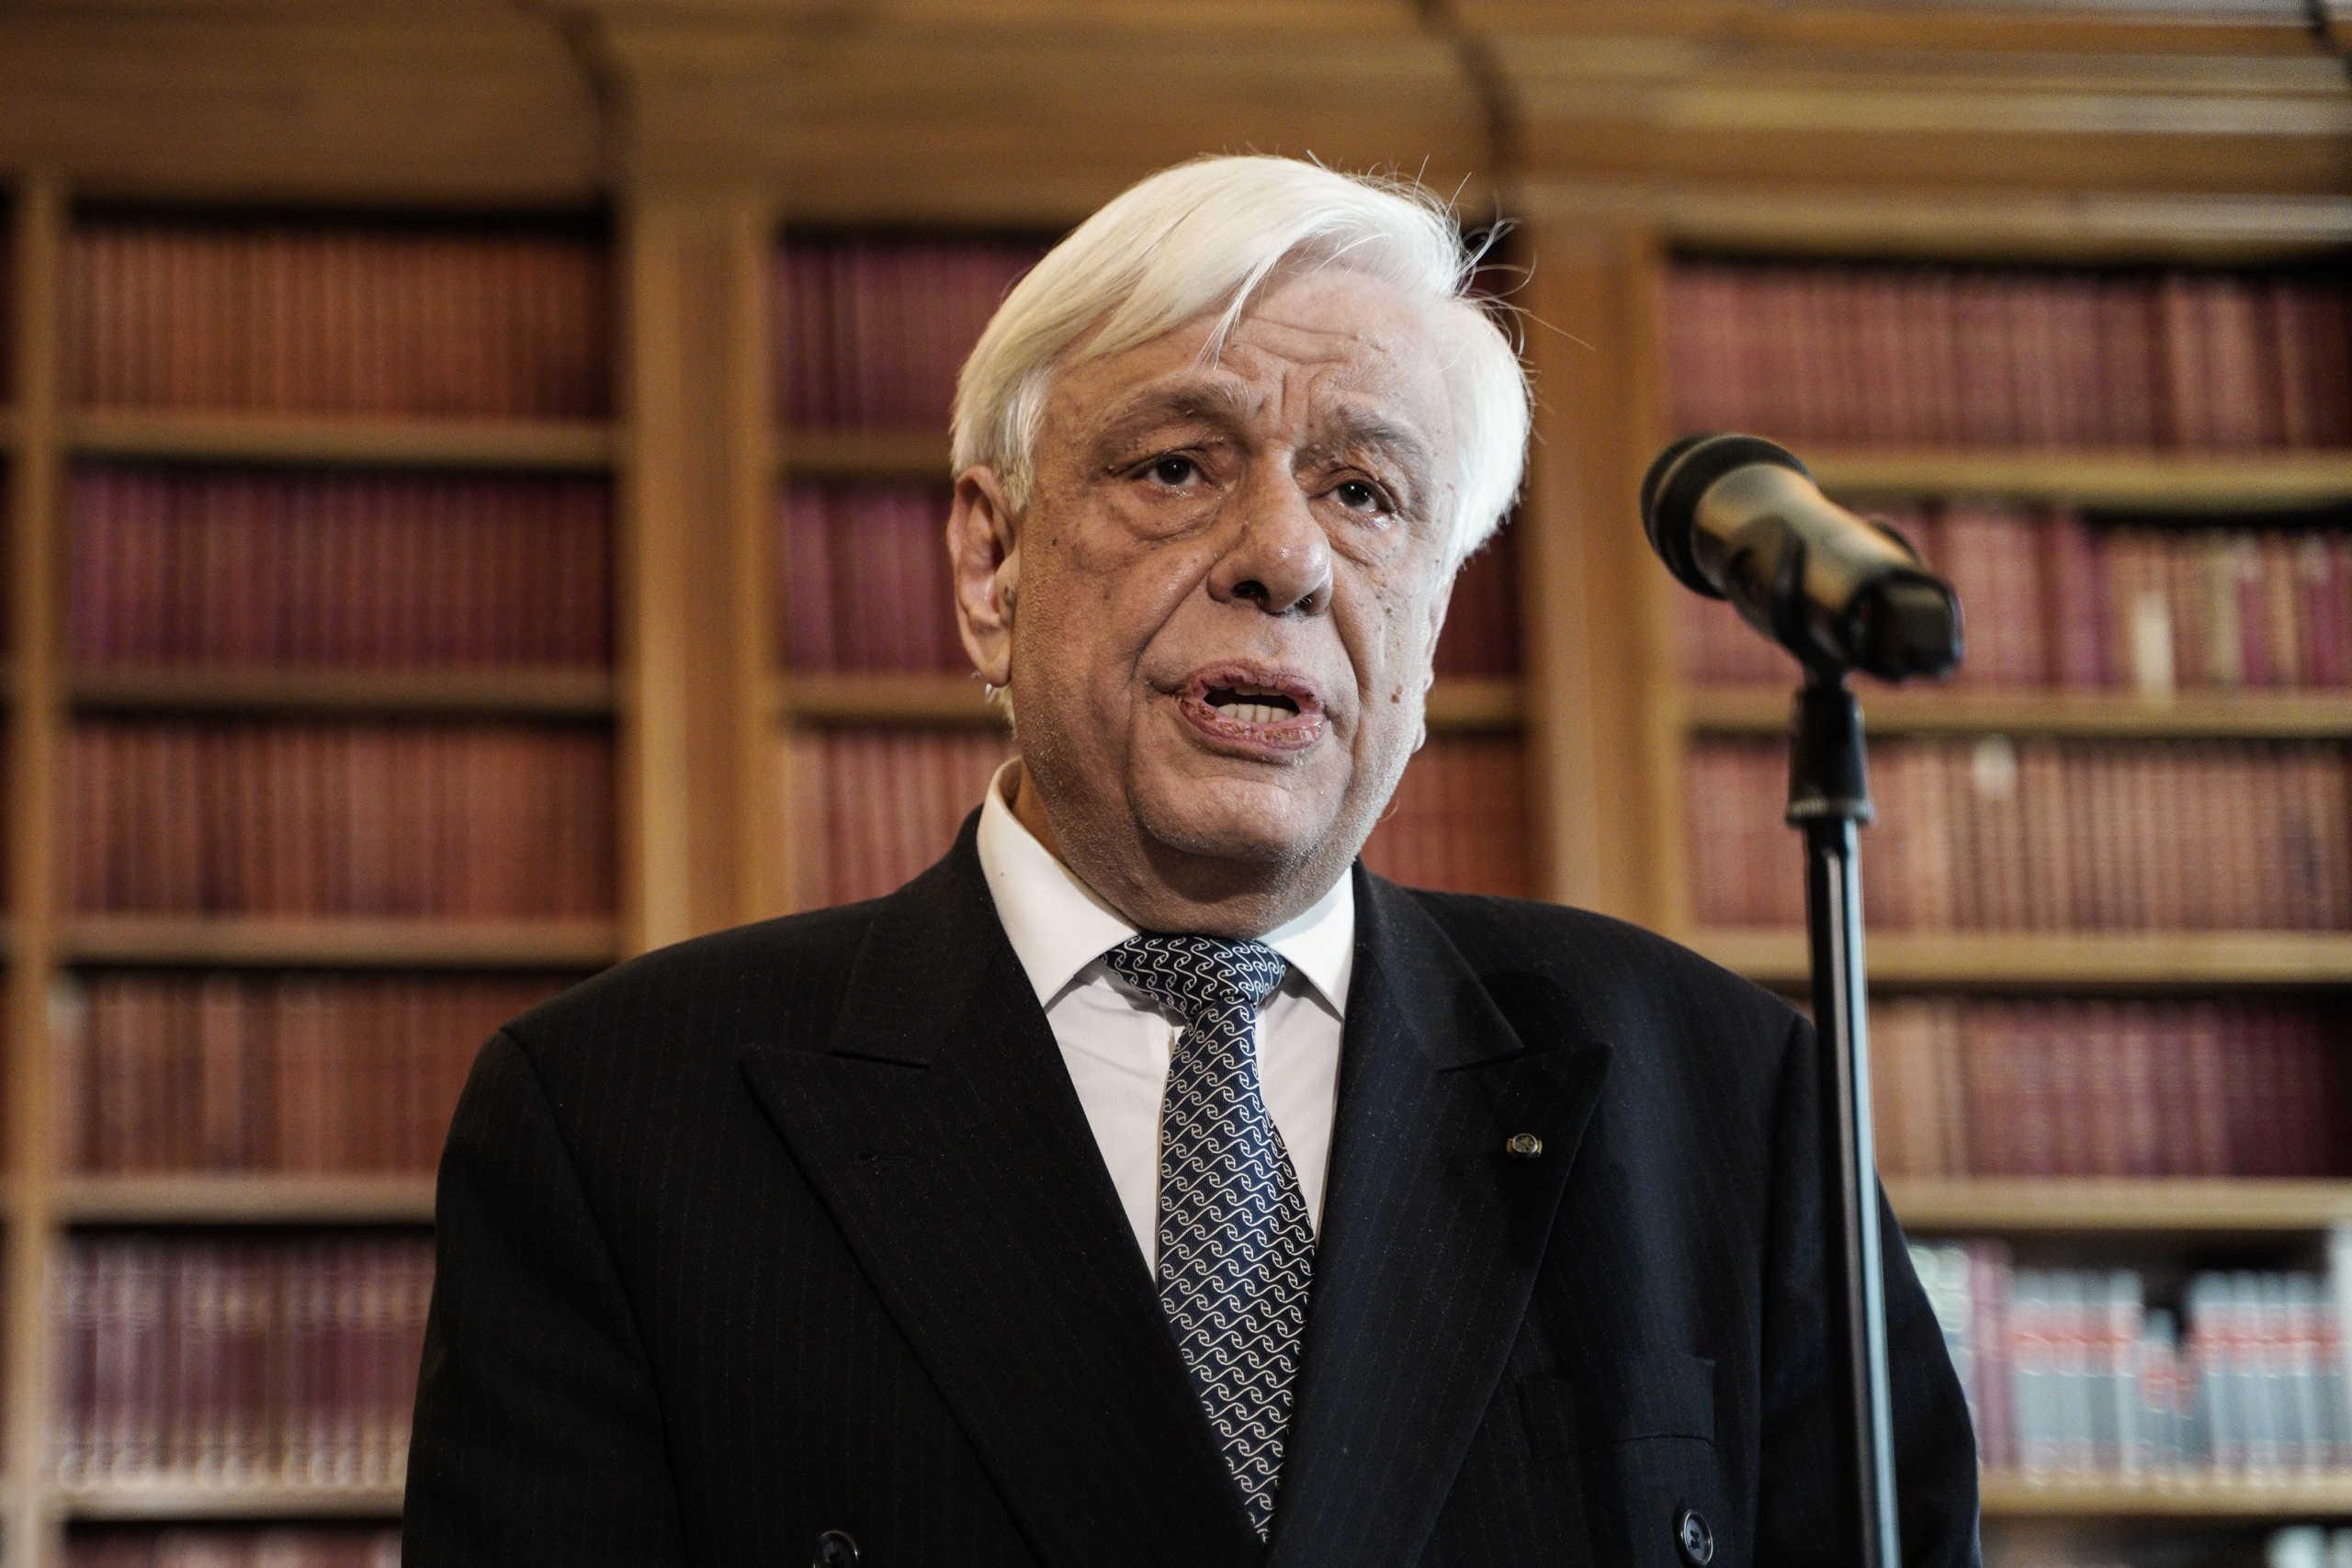 Παυλόπουλος: Ο Βυζαντινός Πολιτισμός θεμελιώδης πυλώνας του κοινού μας Ευρωπαϊκού Πολιτισμού, τον οποίο επιβουλεύεται ευθέως η Τουρκία